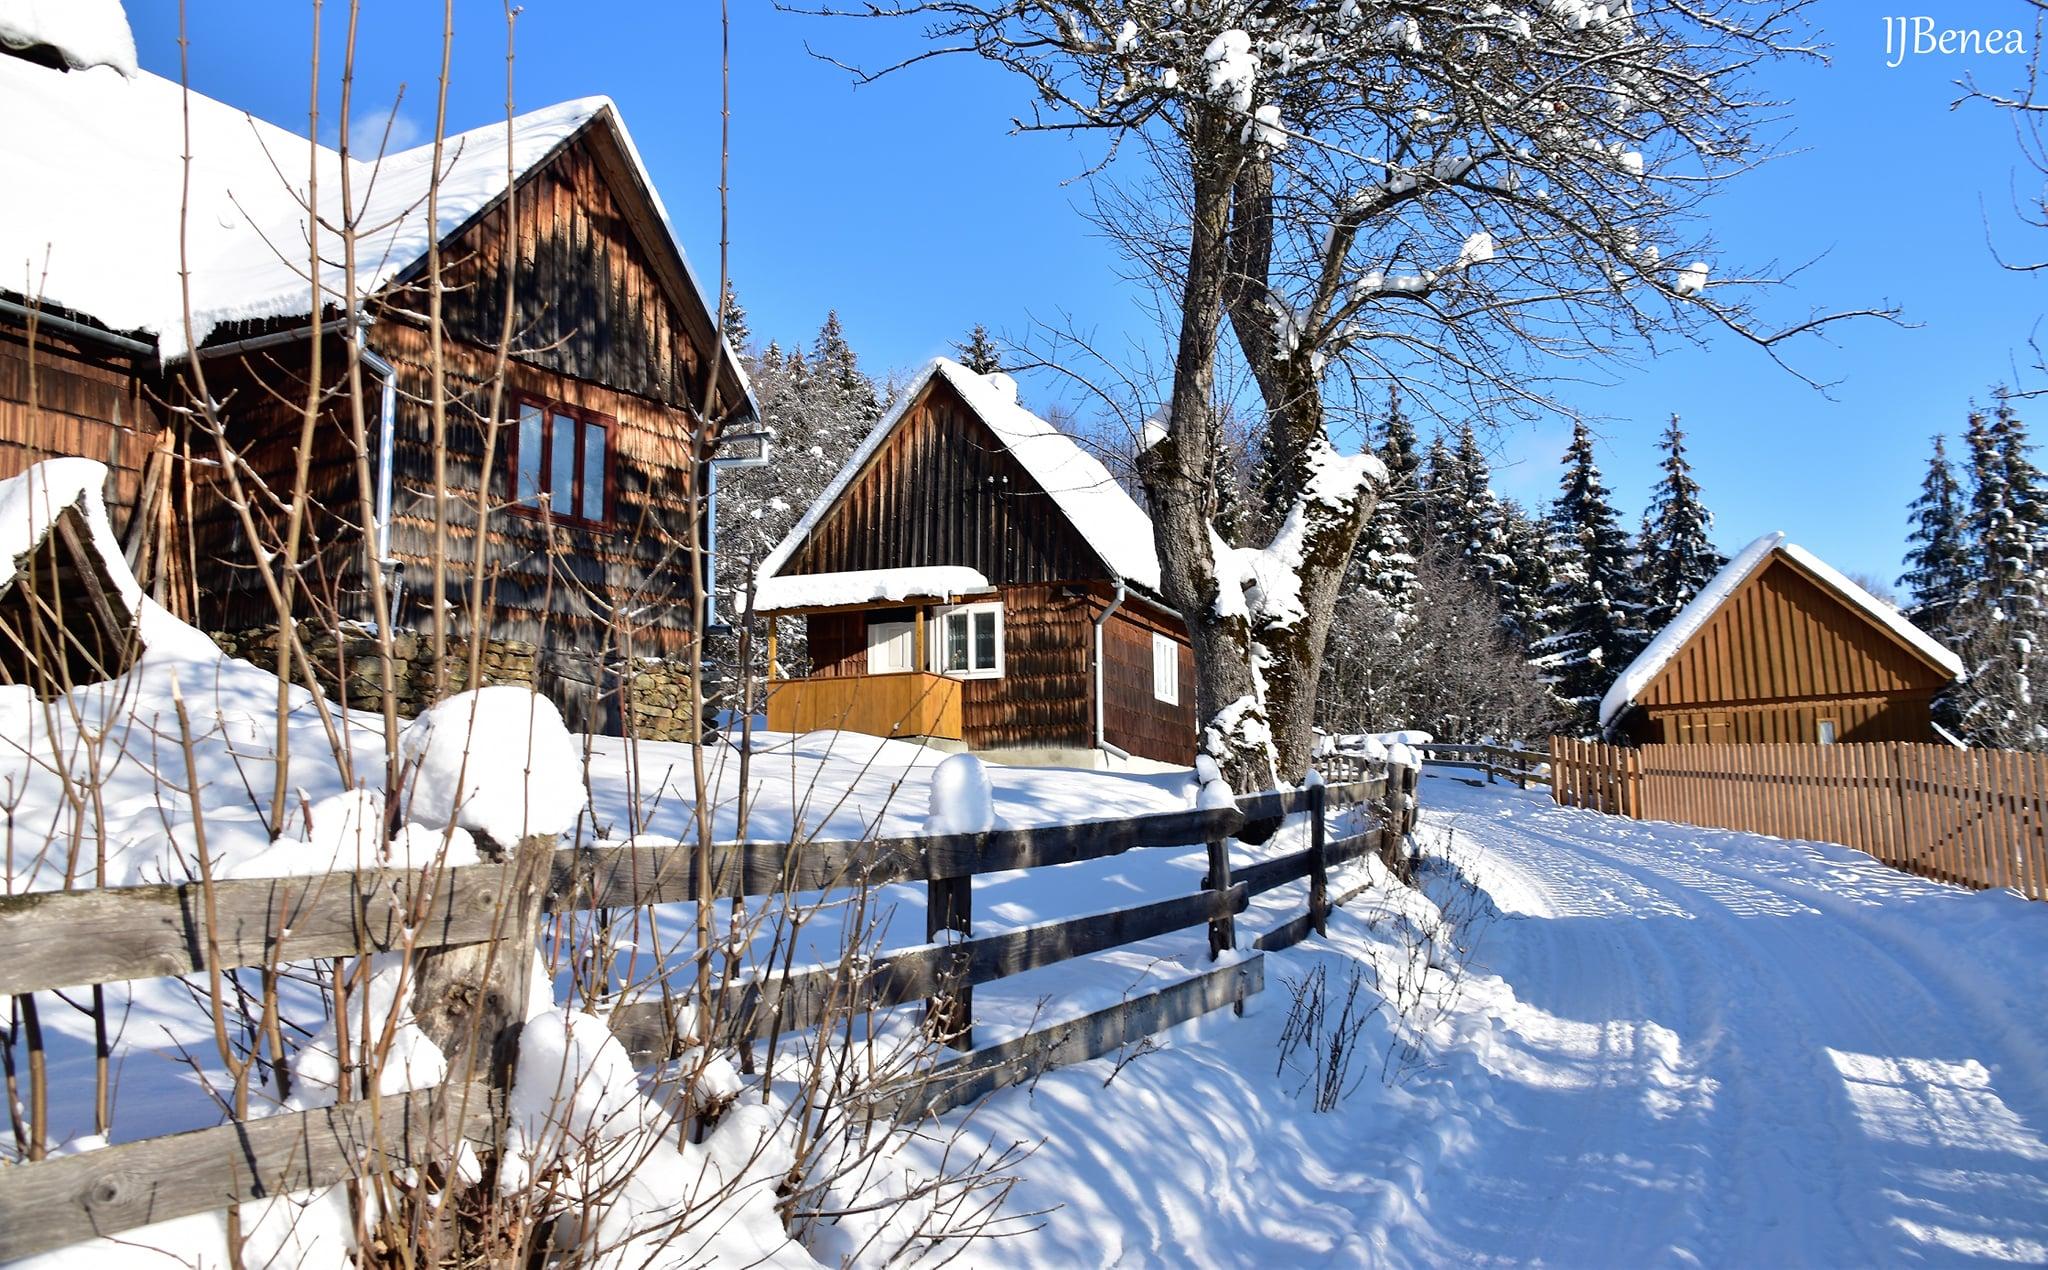 Pe ulita satului Trifesti - Ioan Benea Jurca